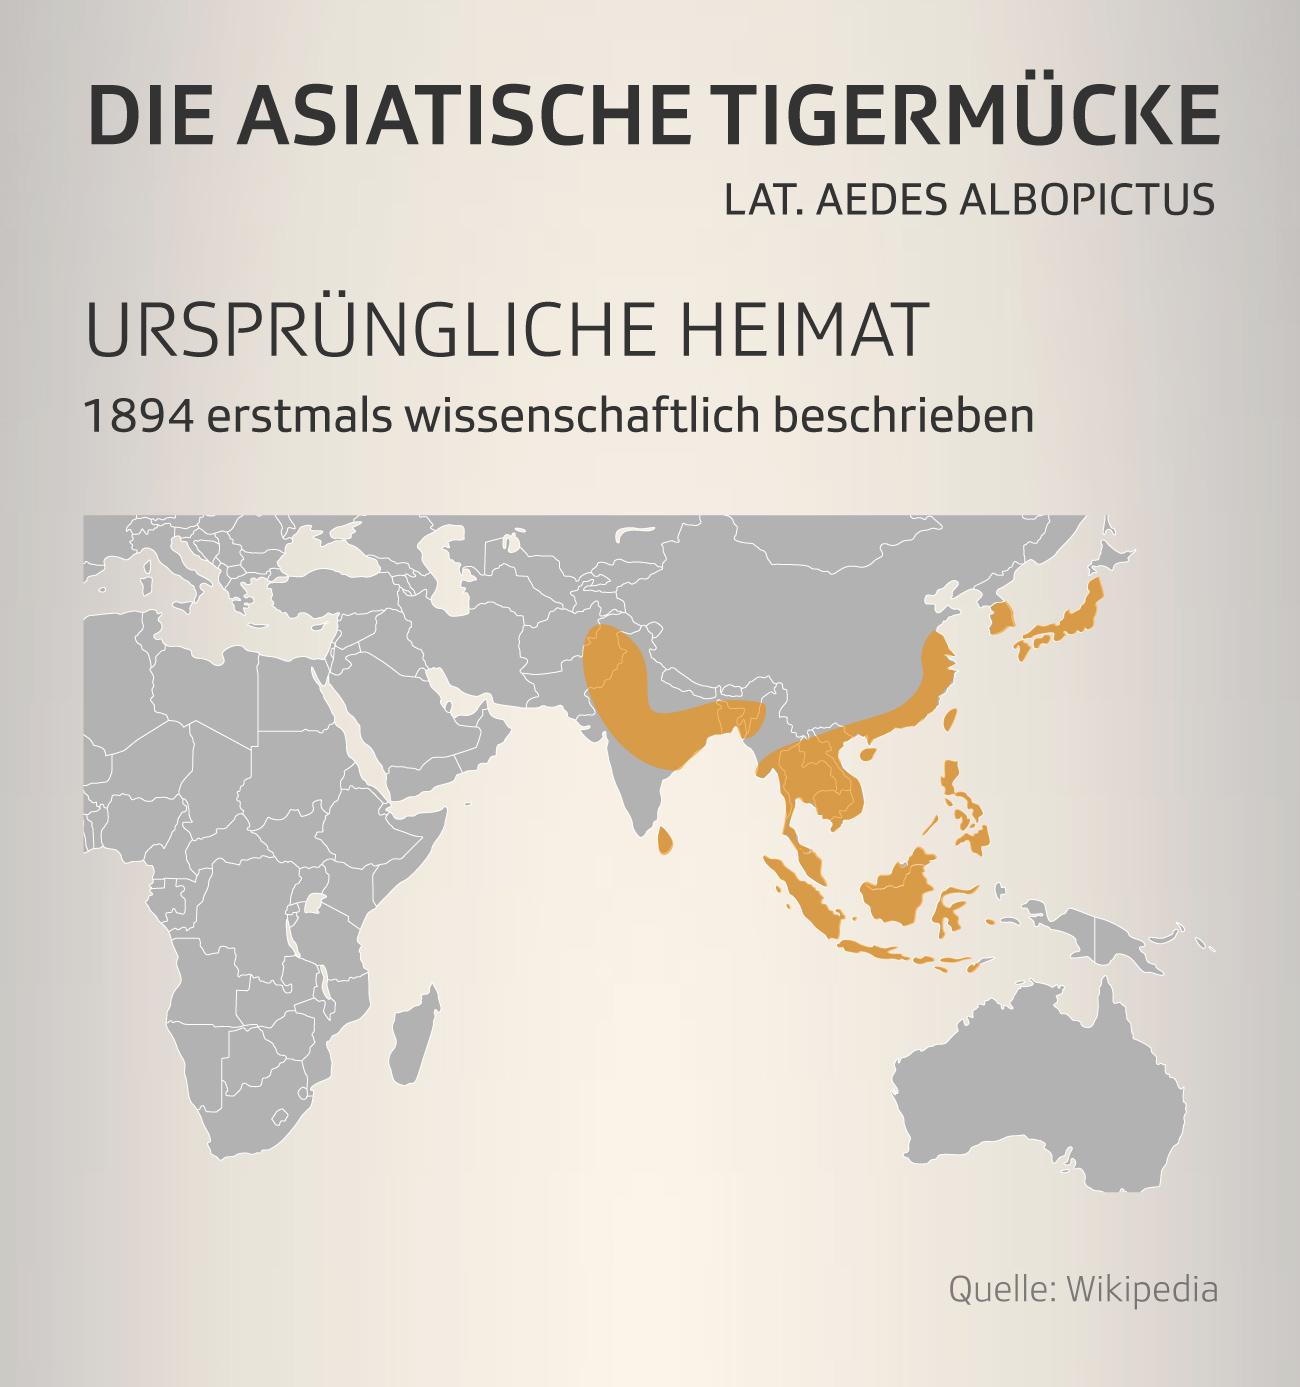 Die ursprüngliche Heimat der Tigermücke